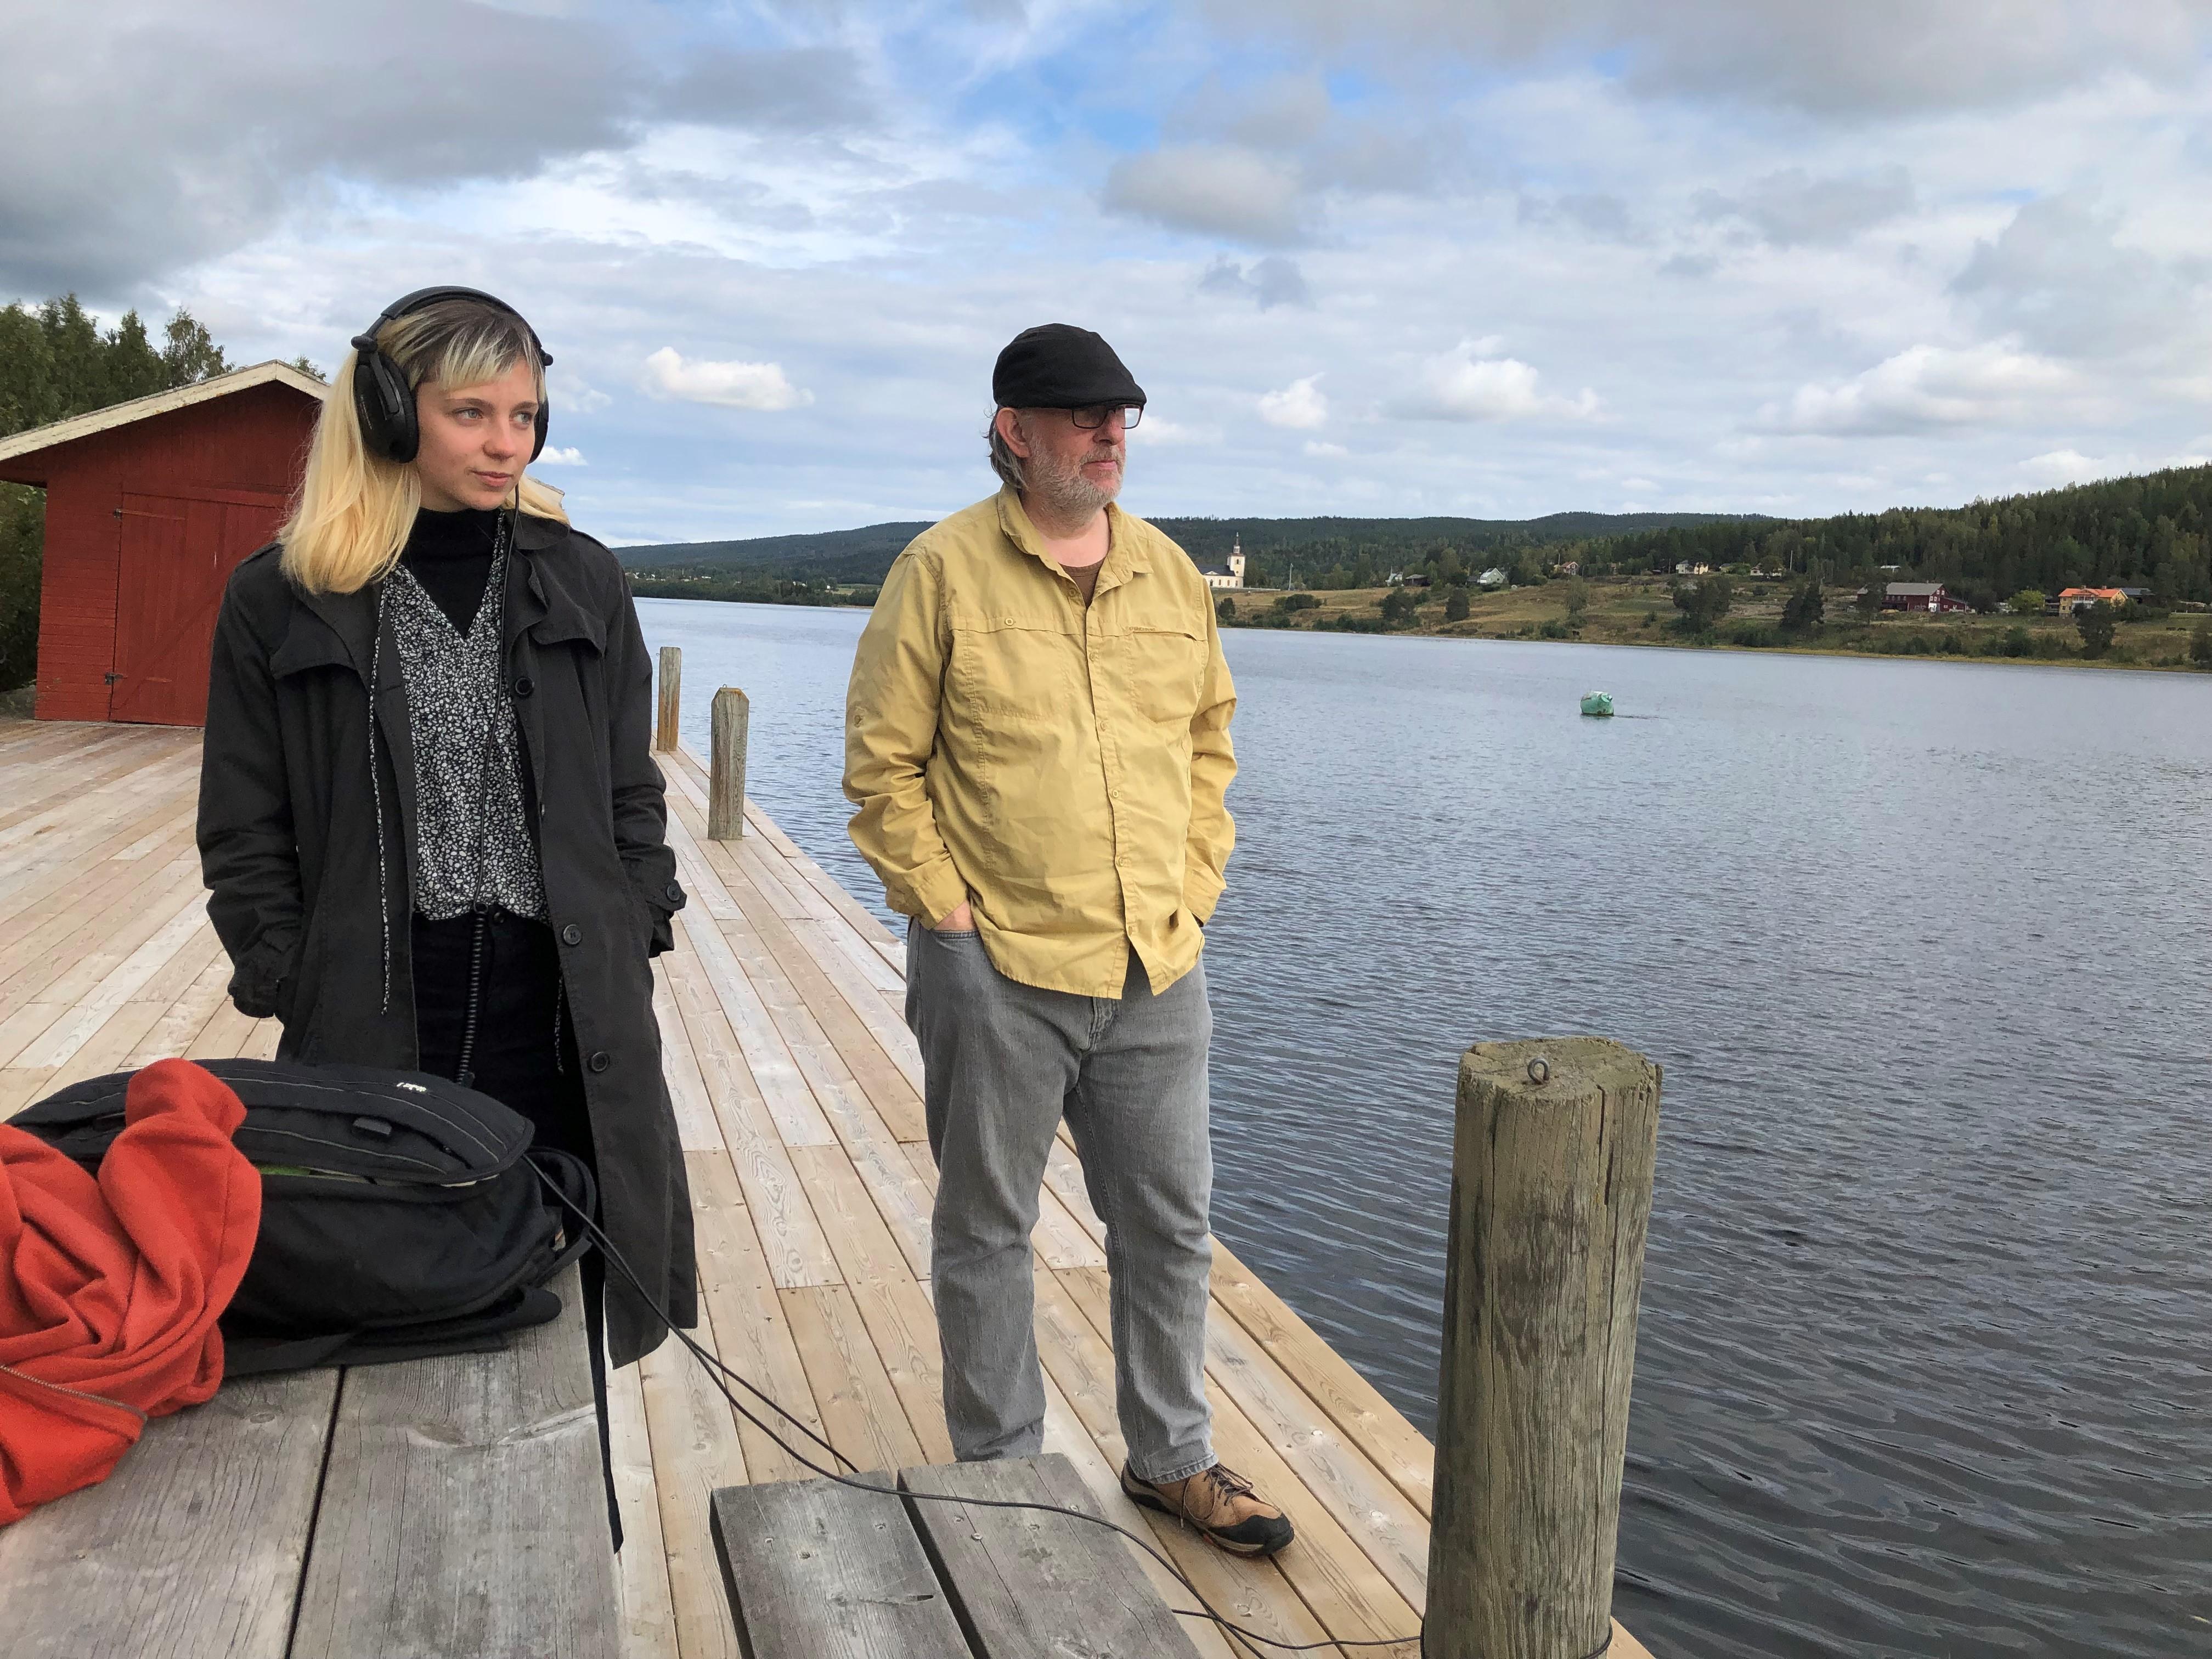 En blond 22-årig kvinna står vid Ångermanälven i kappa och stora hörlurar på huvudet. Hon lyssnar ner i älven. Vid sidan om henne står en 55-årig man, grått hår, keps, skjorta, händerna i byxrfickorna.